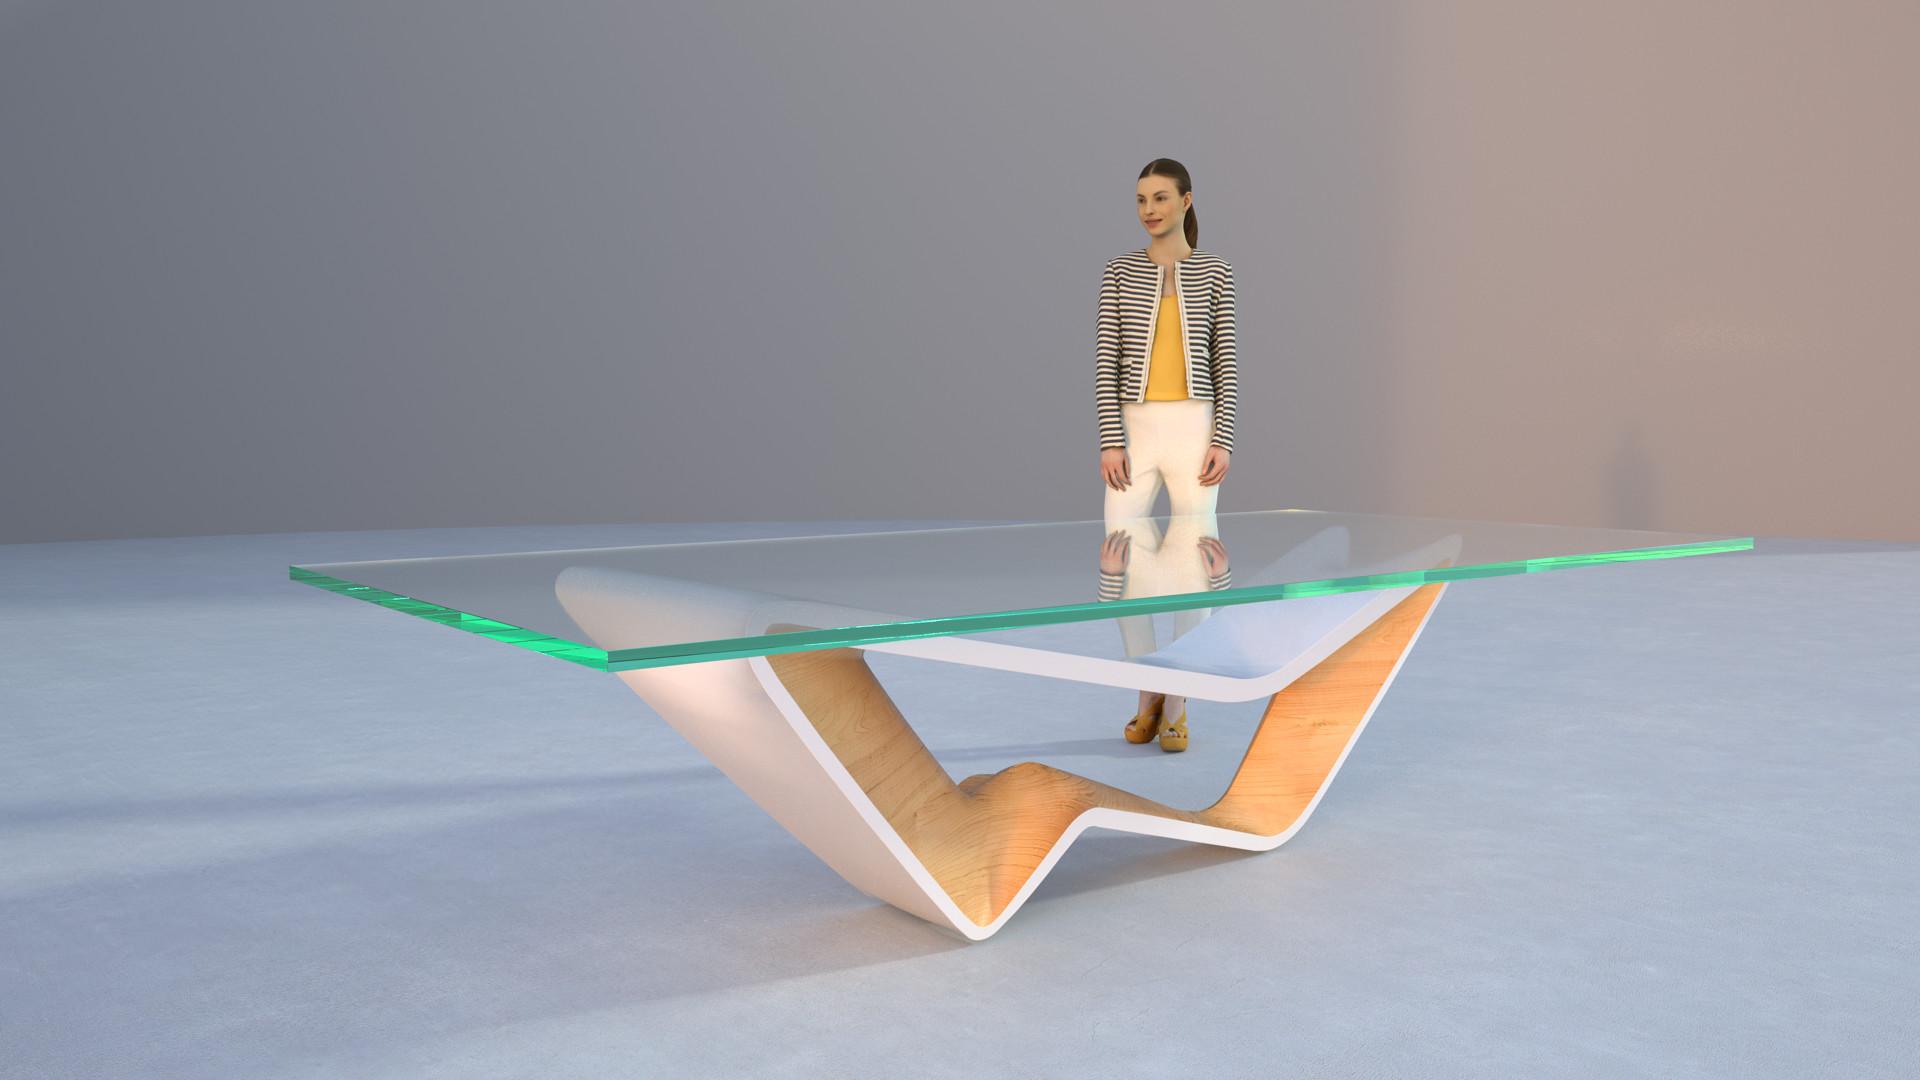 Duane kemp wimer chaca table 02 scene 12